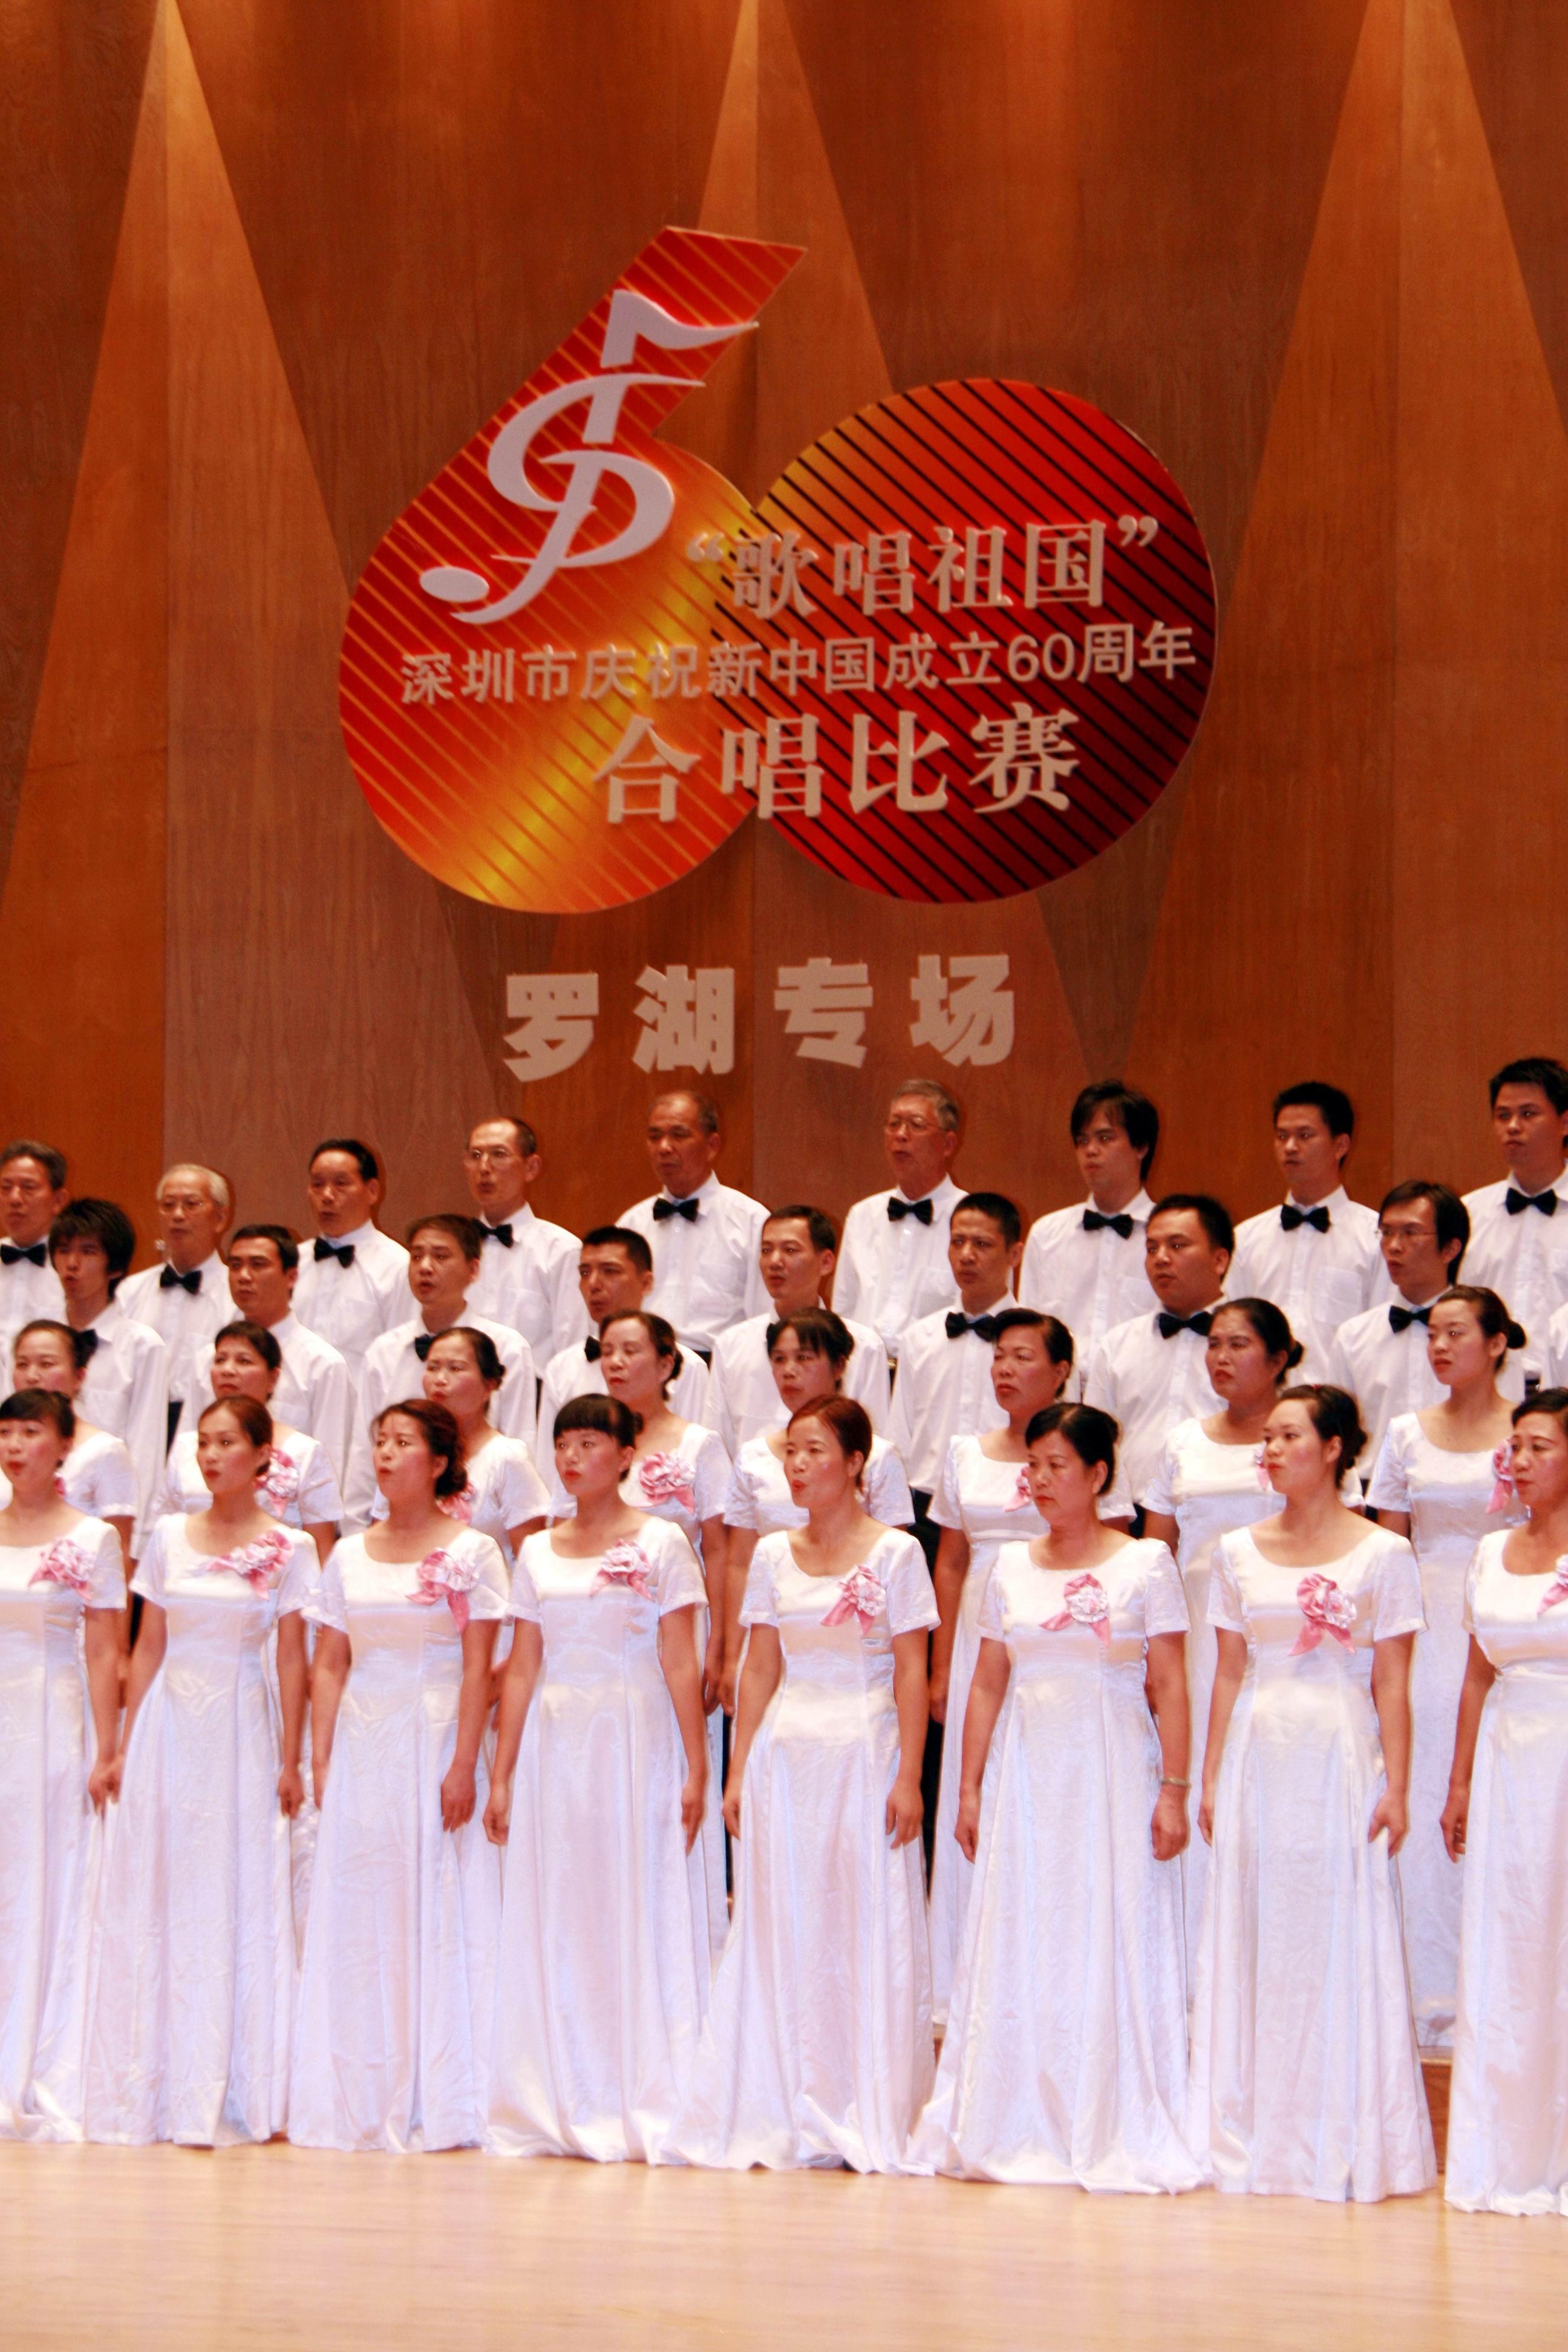 莲塘街道合唱团在 歌唱祖国 深圳市庆祝新中国成立60周年合唱比赛罗